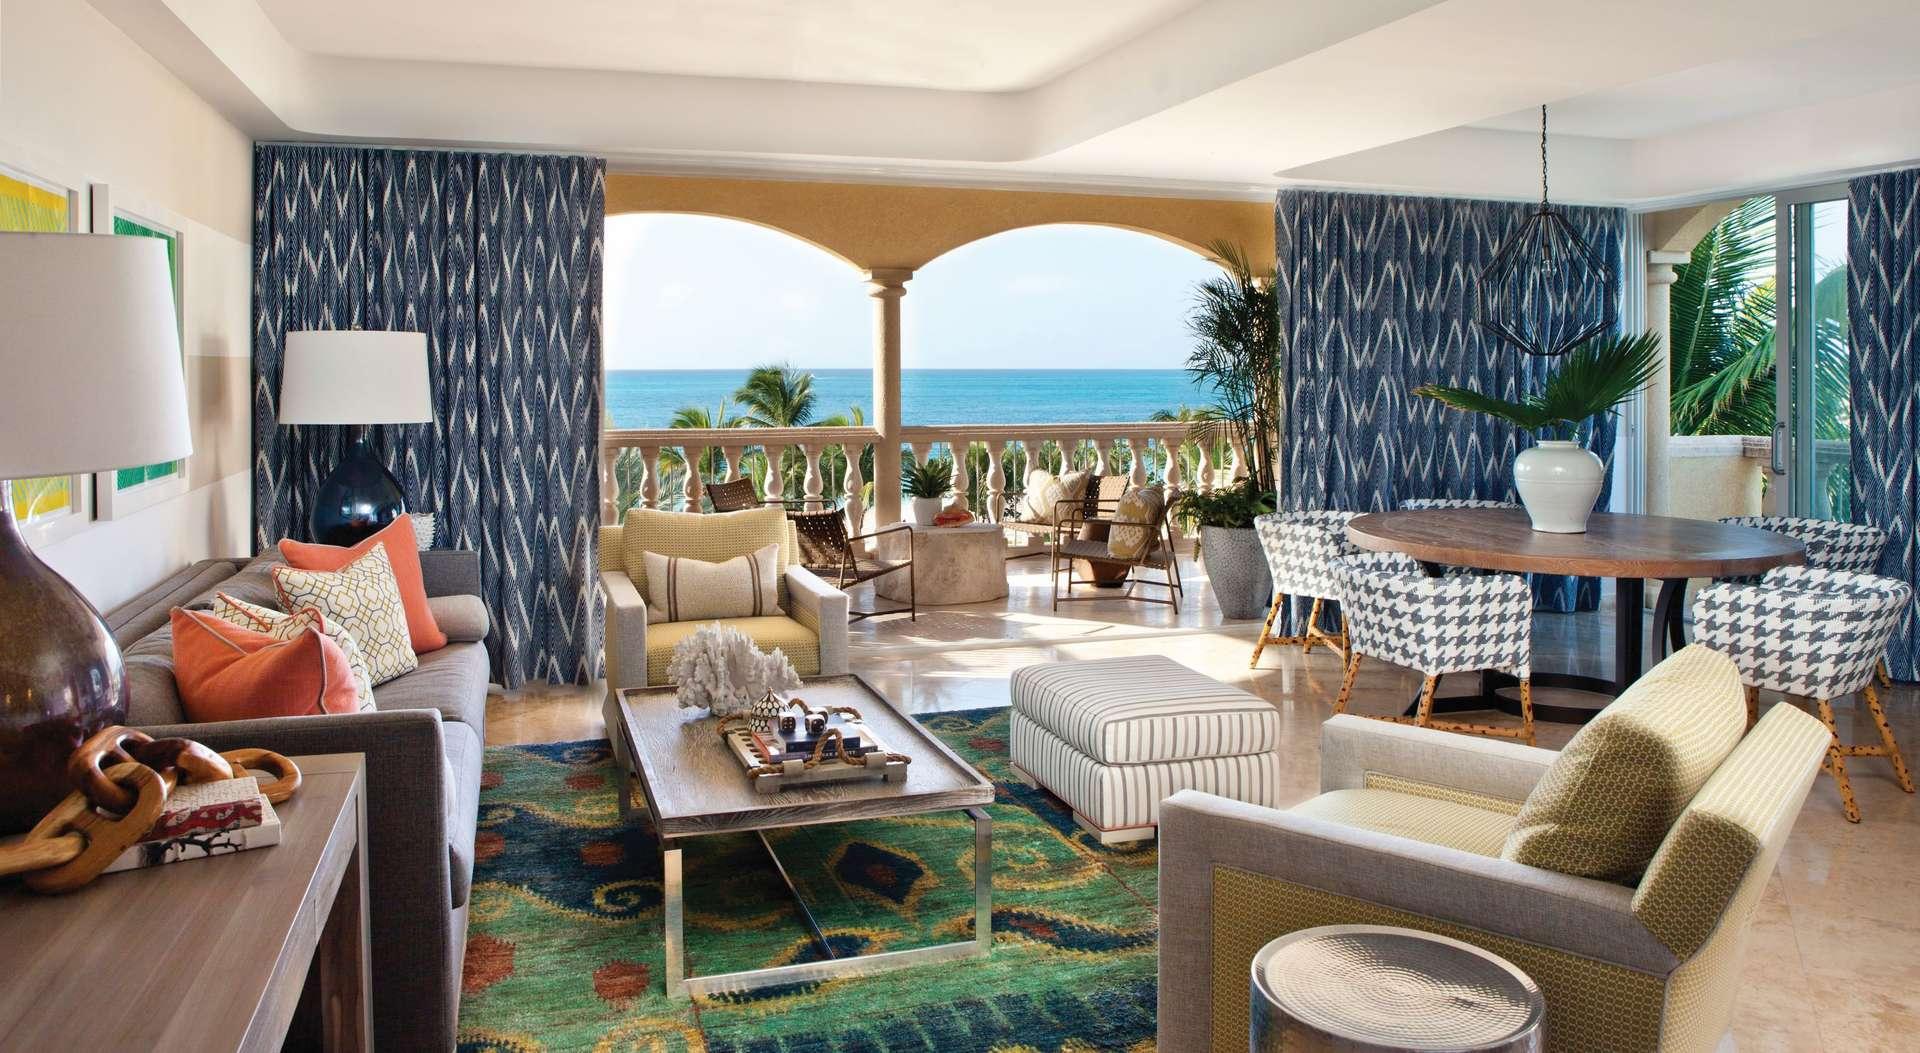 Luxury villa rentals caribbean - Turks and caicos - Providenciales - Grace bay club - 3 Bedroom Suite| Villa Suites - Image 1/5